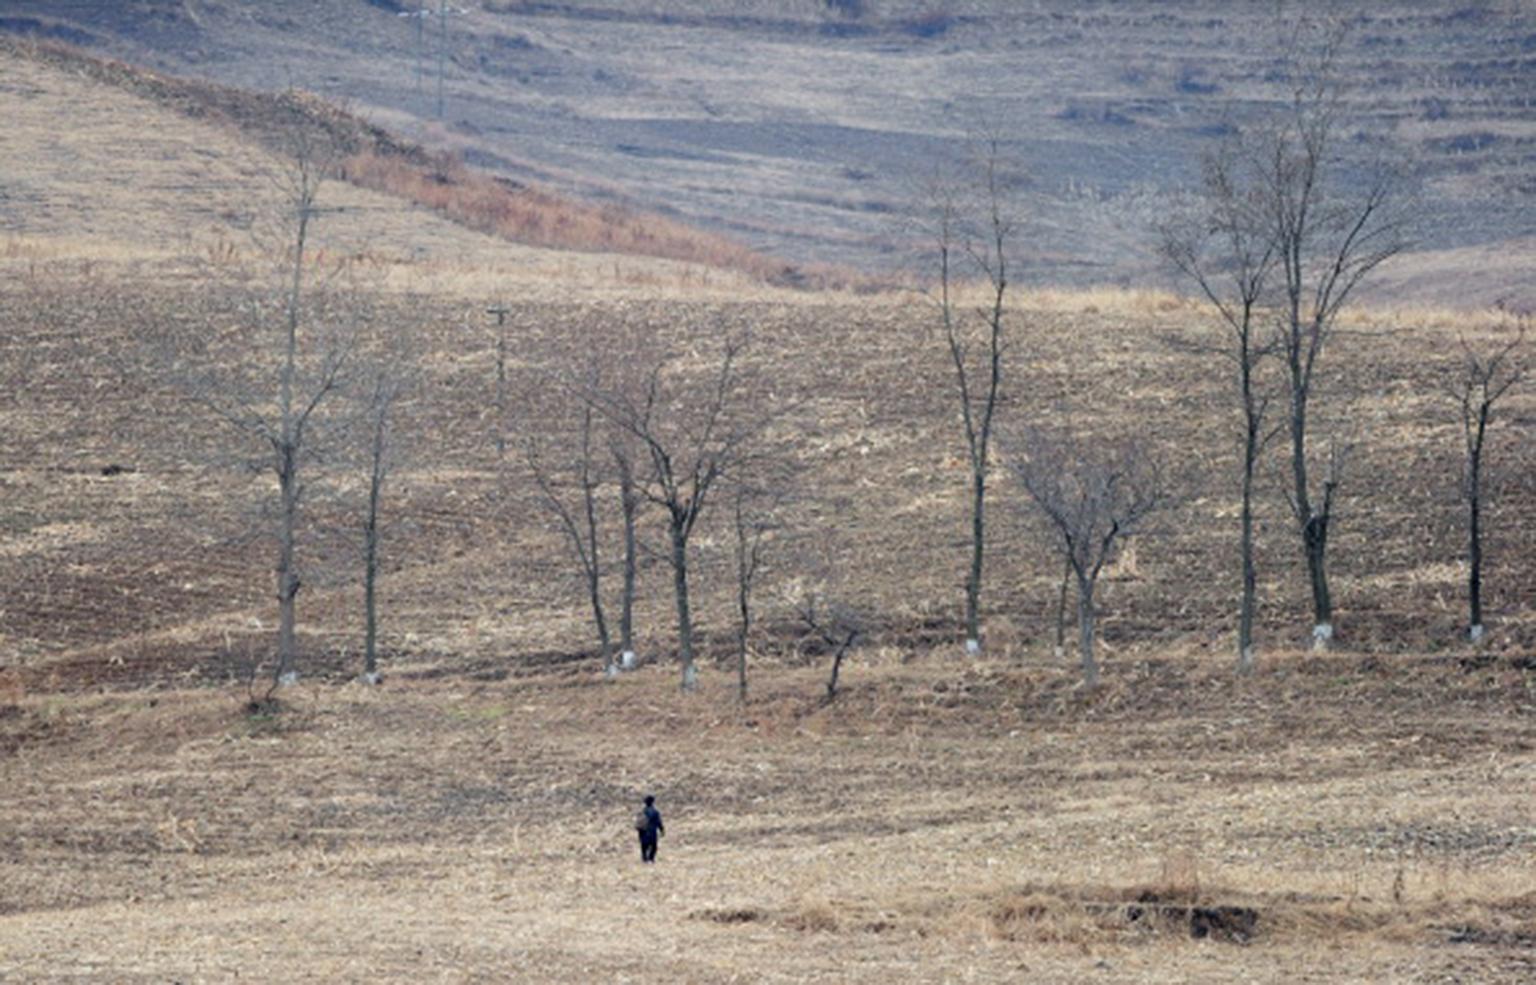 聯合國糧農組織(FAO)上周表示,北韓今年春耕季節出現自2001年以來最嚴重的乾旱,預料今年稻米、粟米等主要糧食將嚴重歉收。(Getty Images)